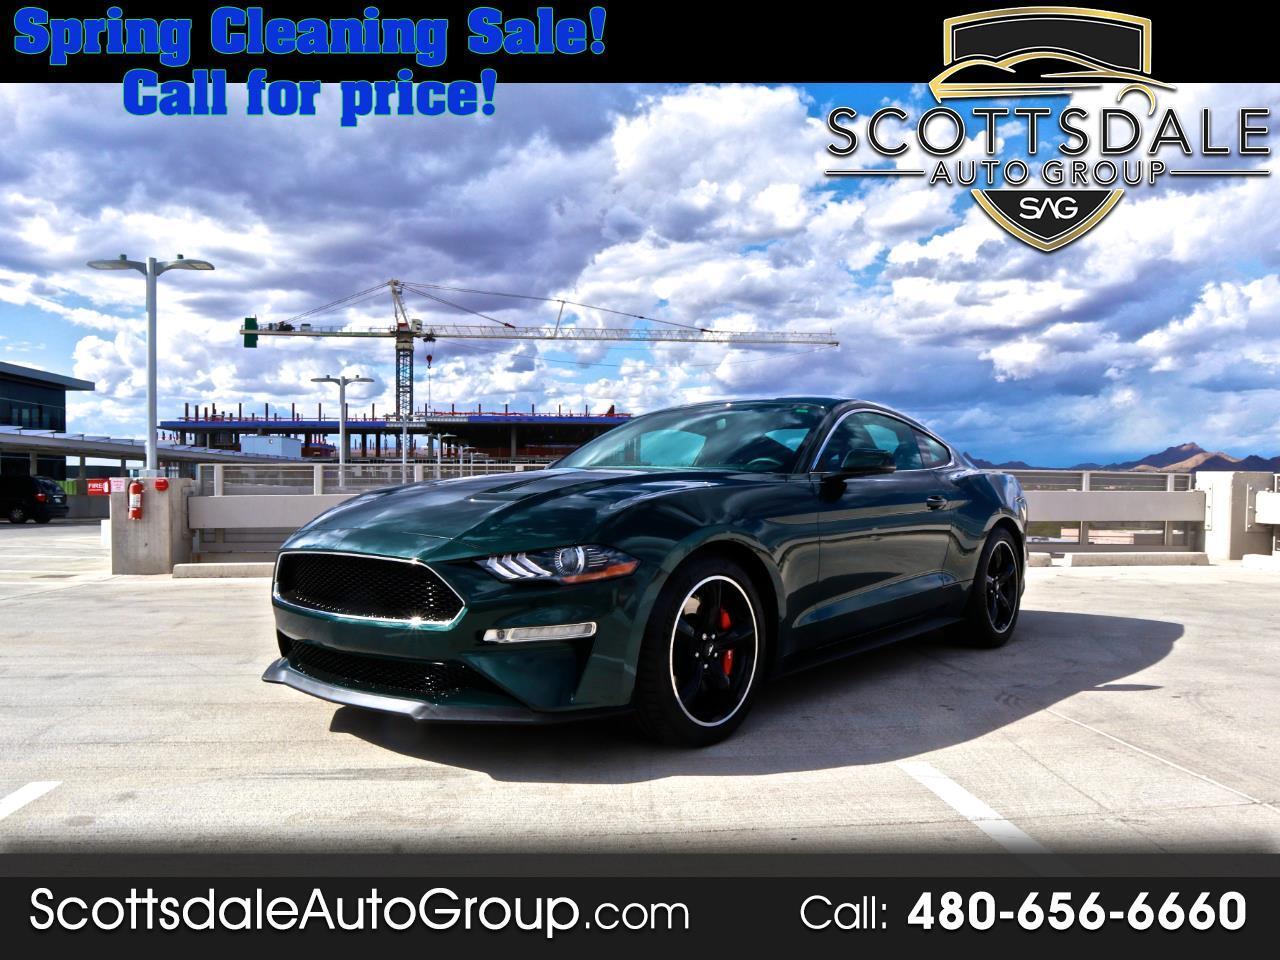 Ford Mustang Bullitt Fastback 2019